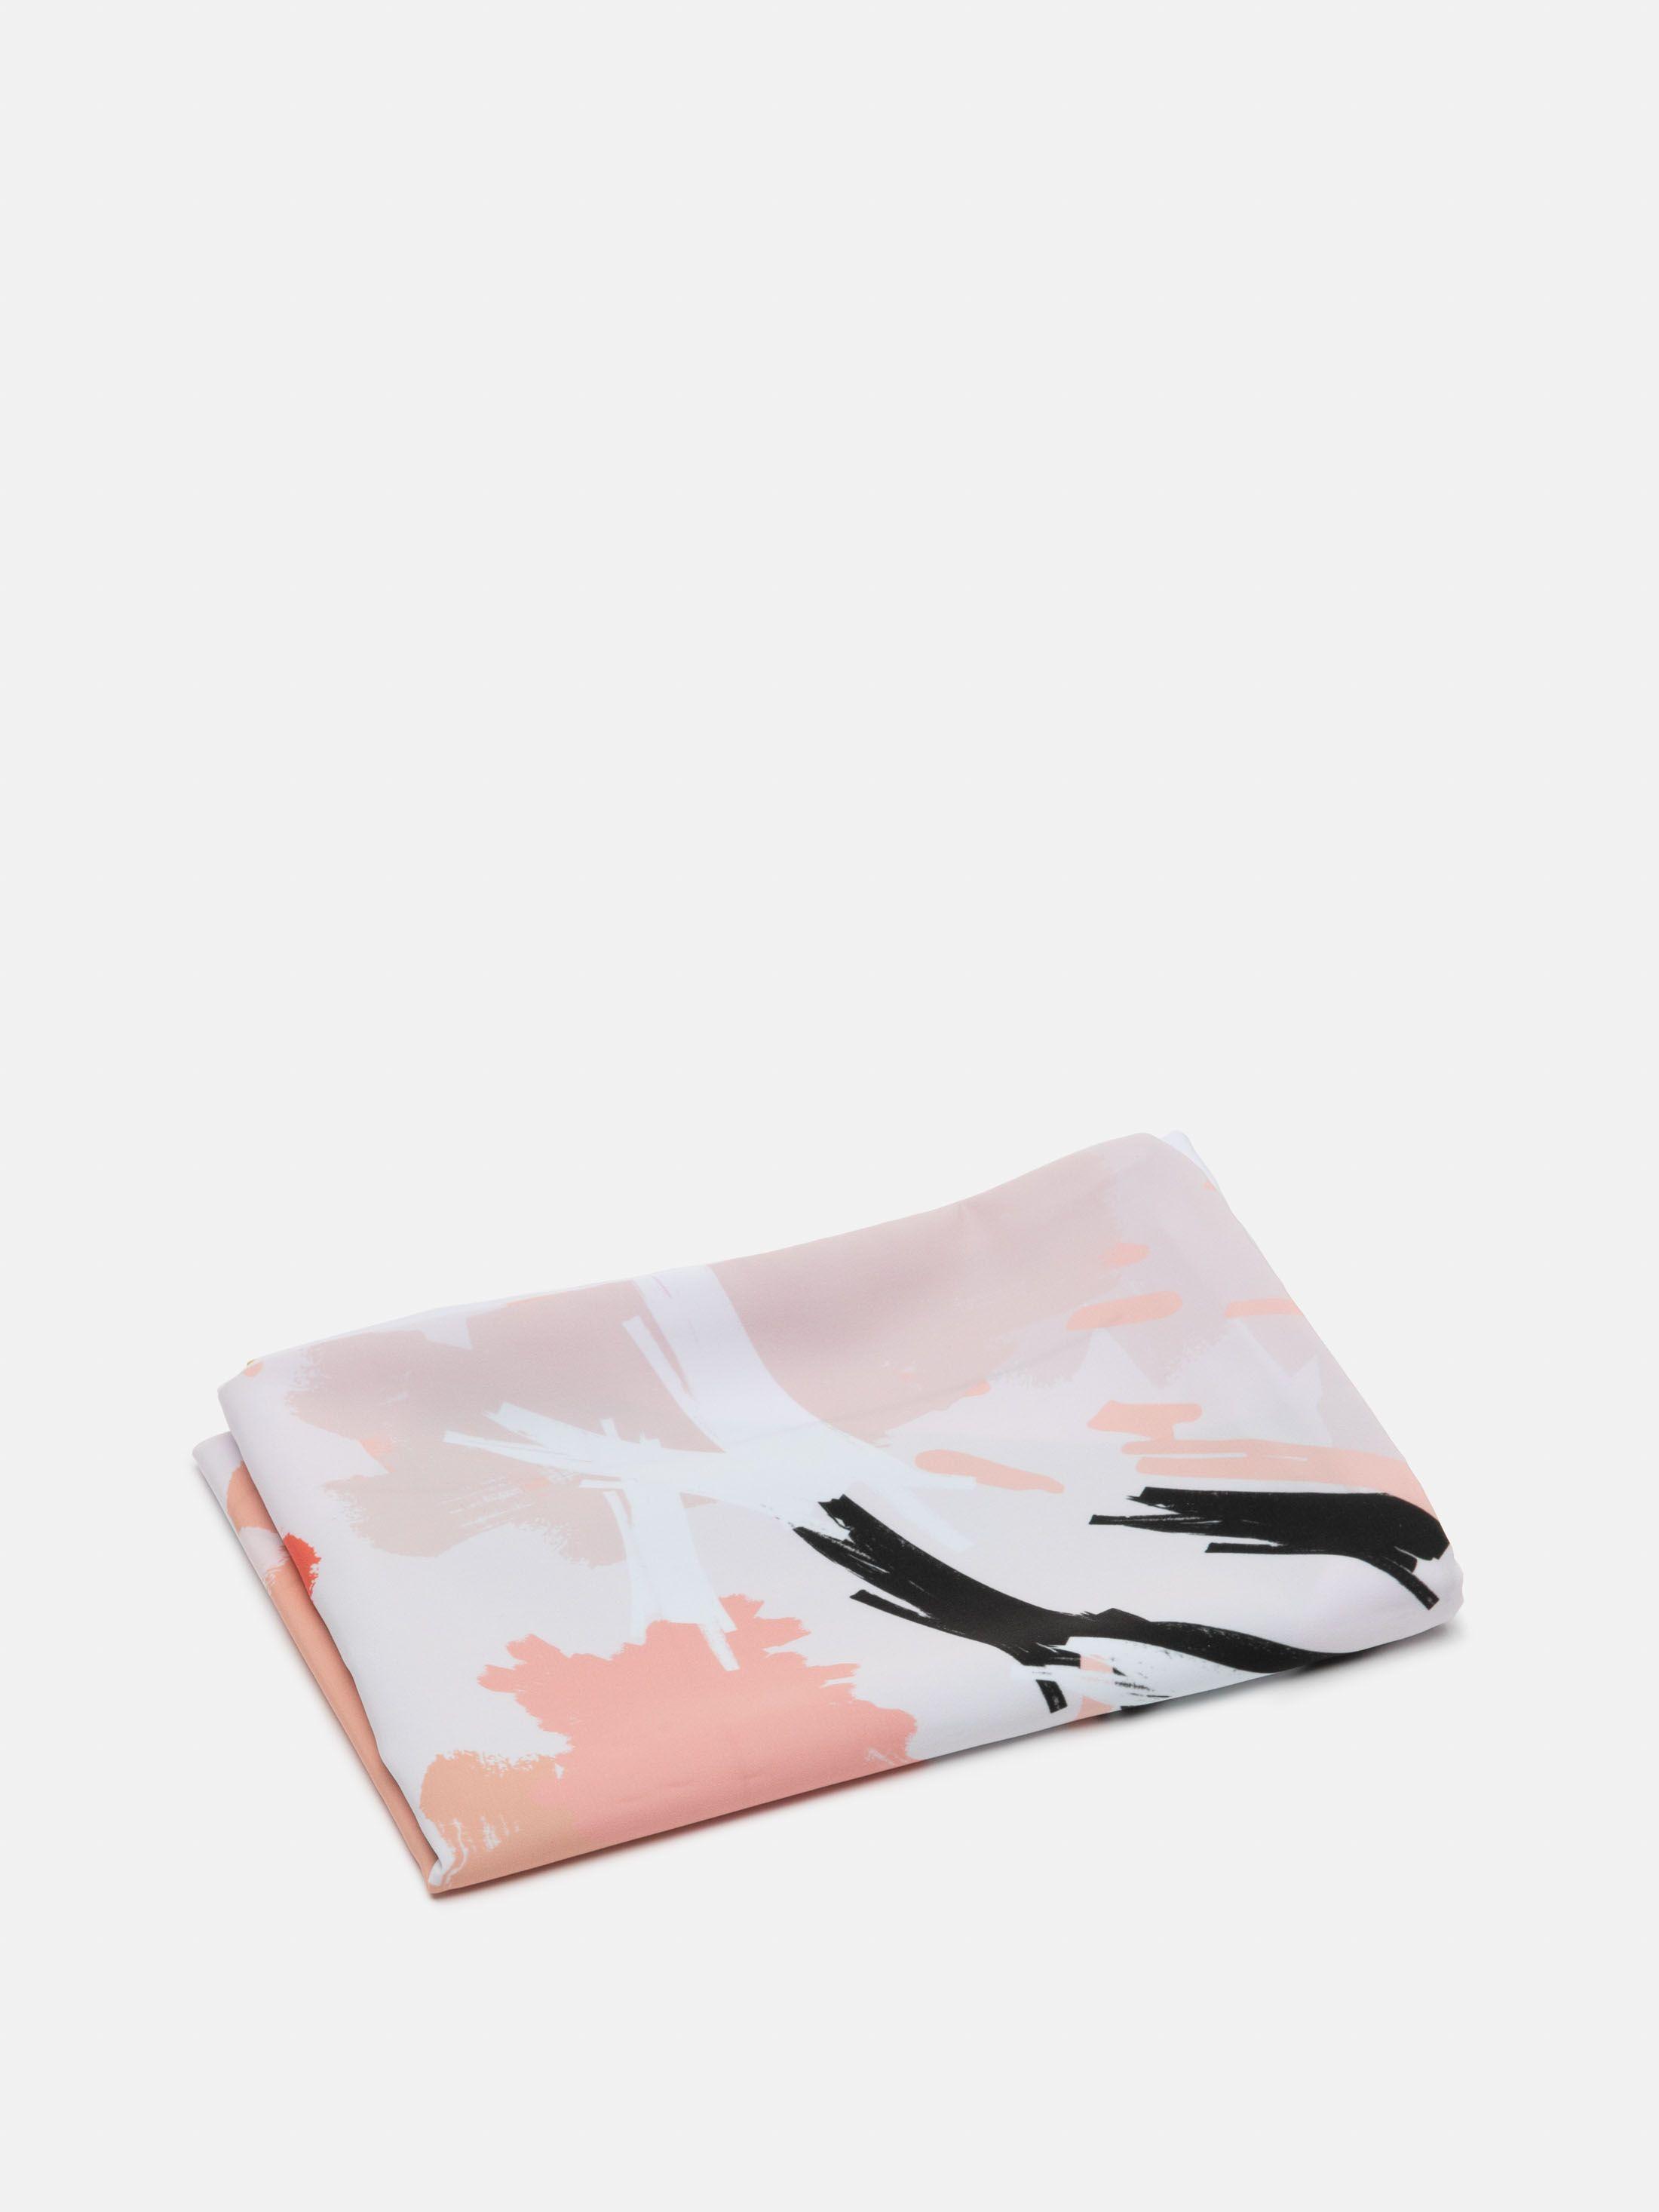 オリジナル枕カバーにデザインプリント